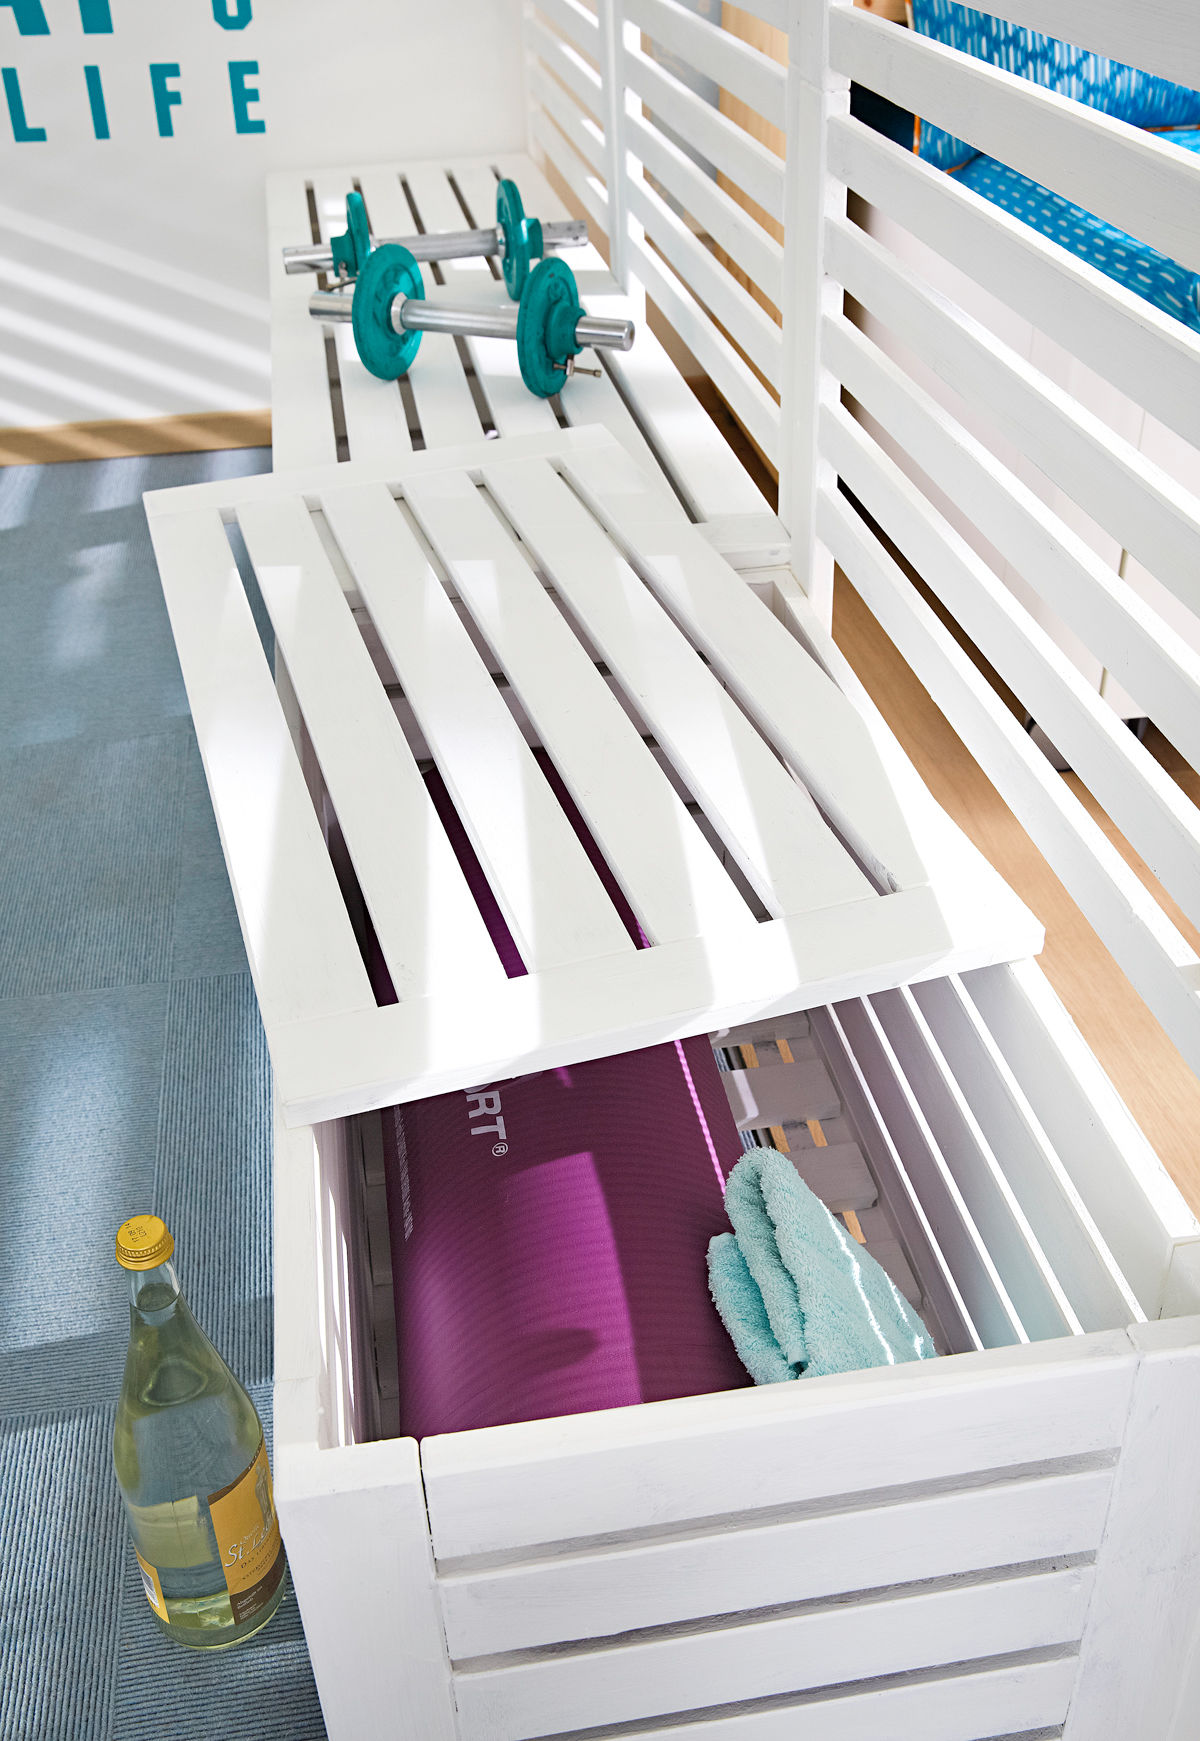 ikea schlafzimmer truhe bettw sche paw patrol origo bettdecken schlafzimmer set lagerverkauf. Black Bedroom Furniture Sets. Home Design Ideas